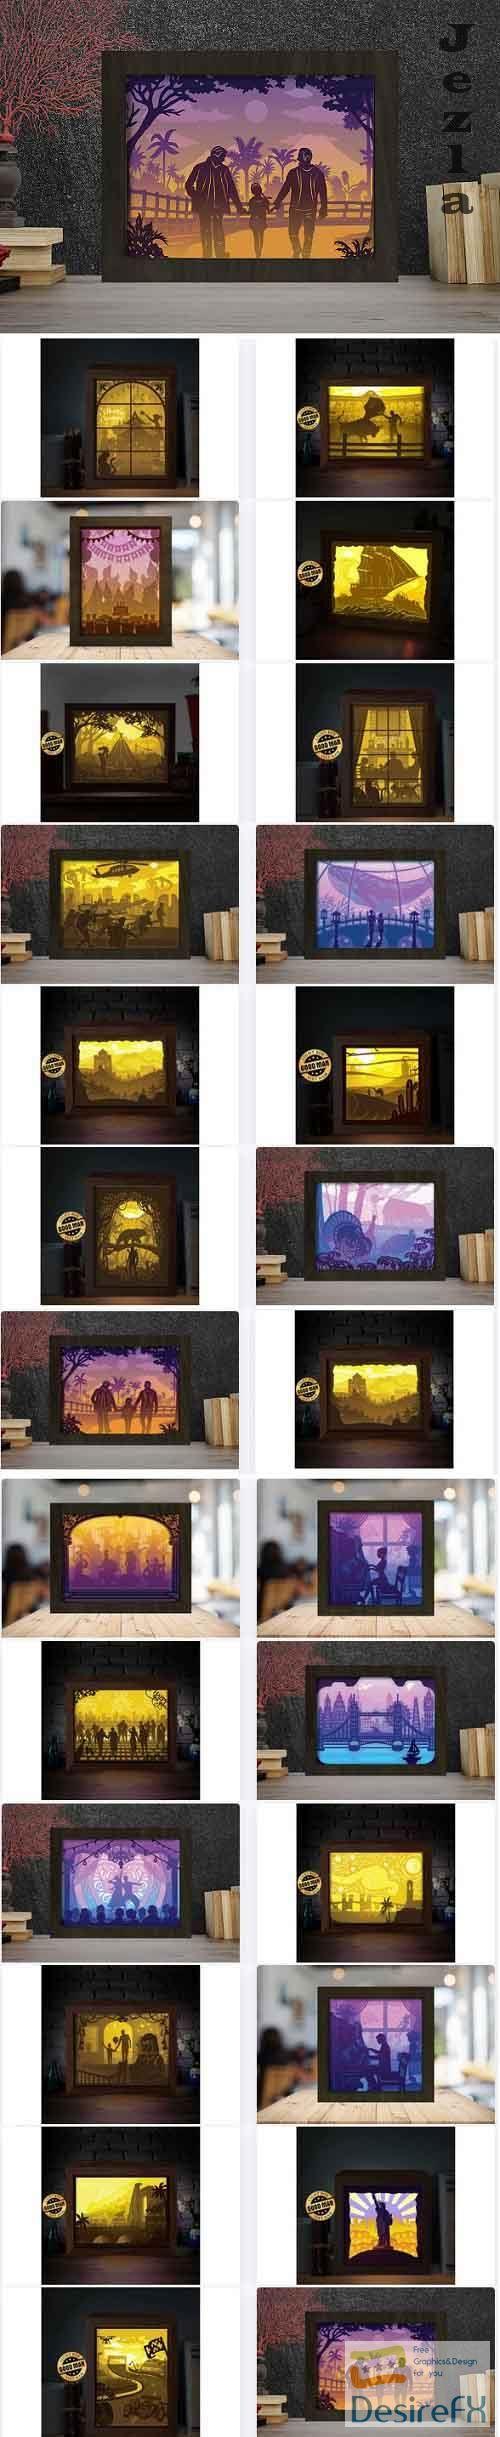 Paper Cut Light Box Bundle - 25 Premium Graphics